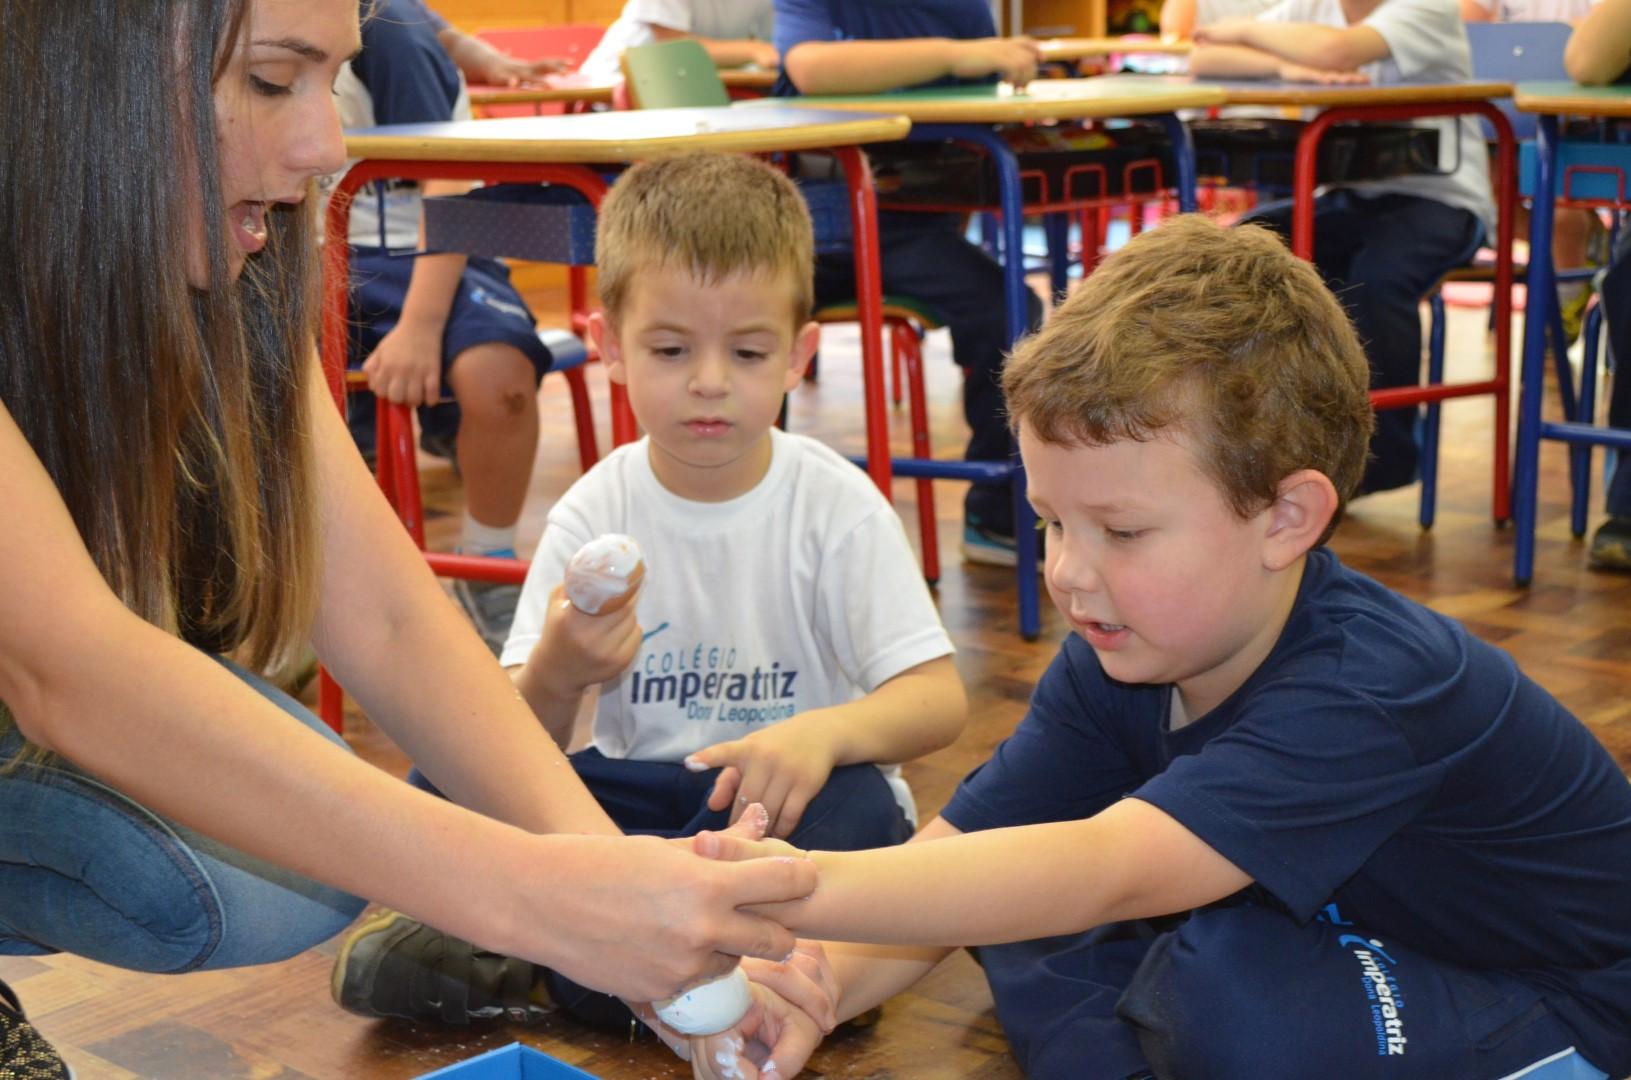 Crianças da Ed. Infantil do Colégio Imperatriz decoram ovos de Páscoa (G3A, G4 e G5)- 07.03.2016Crianças da Ed. Infantil do Colégio Imperatriz decoram ovos de Páscoa (G3A, G4 e G5)- 07.03.2016